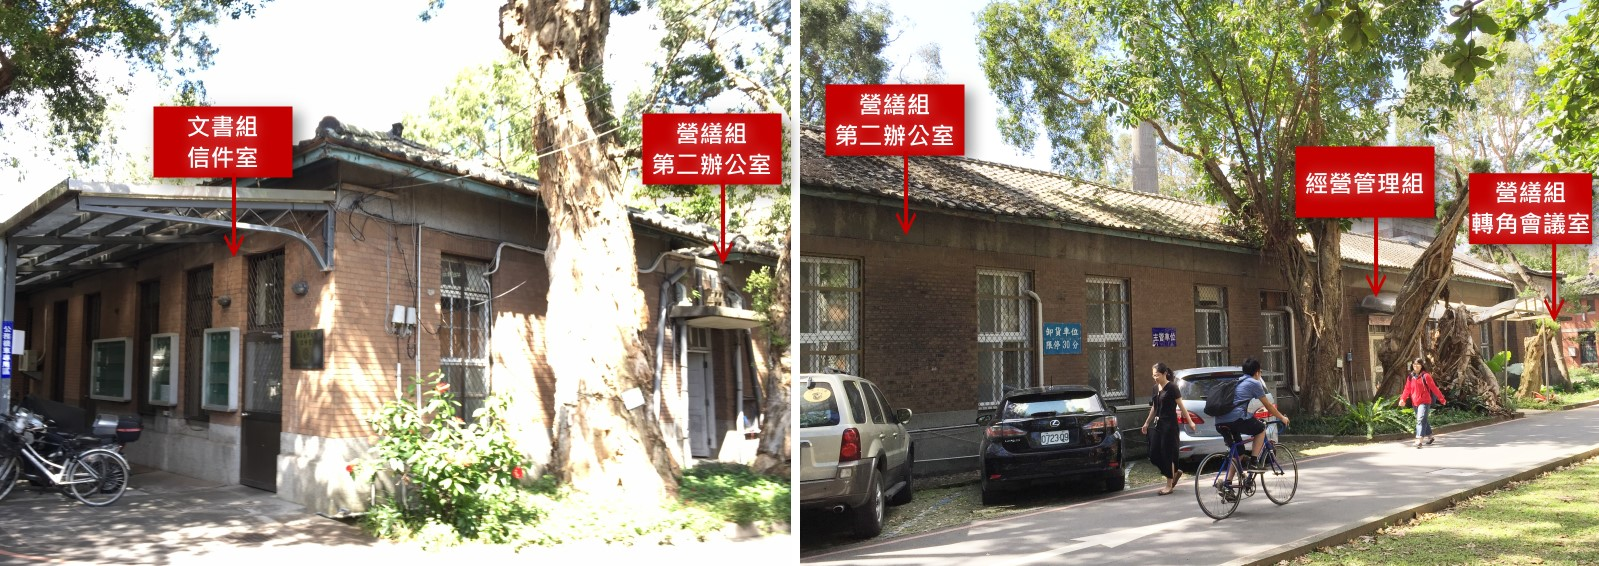 行政大樓西側平房(信件室,營繕組二辦,經營管理組)